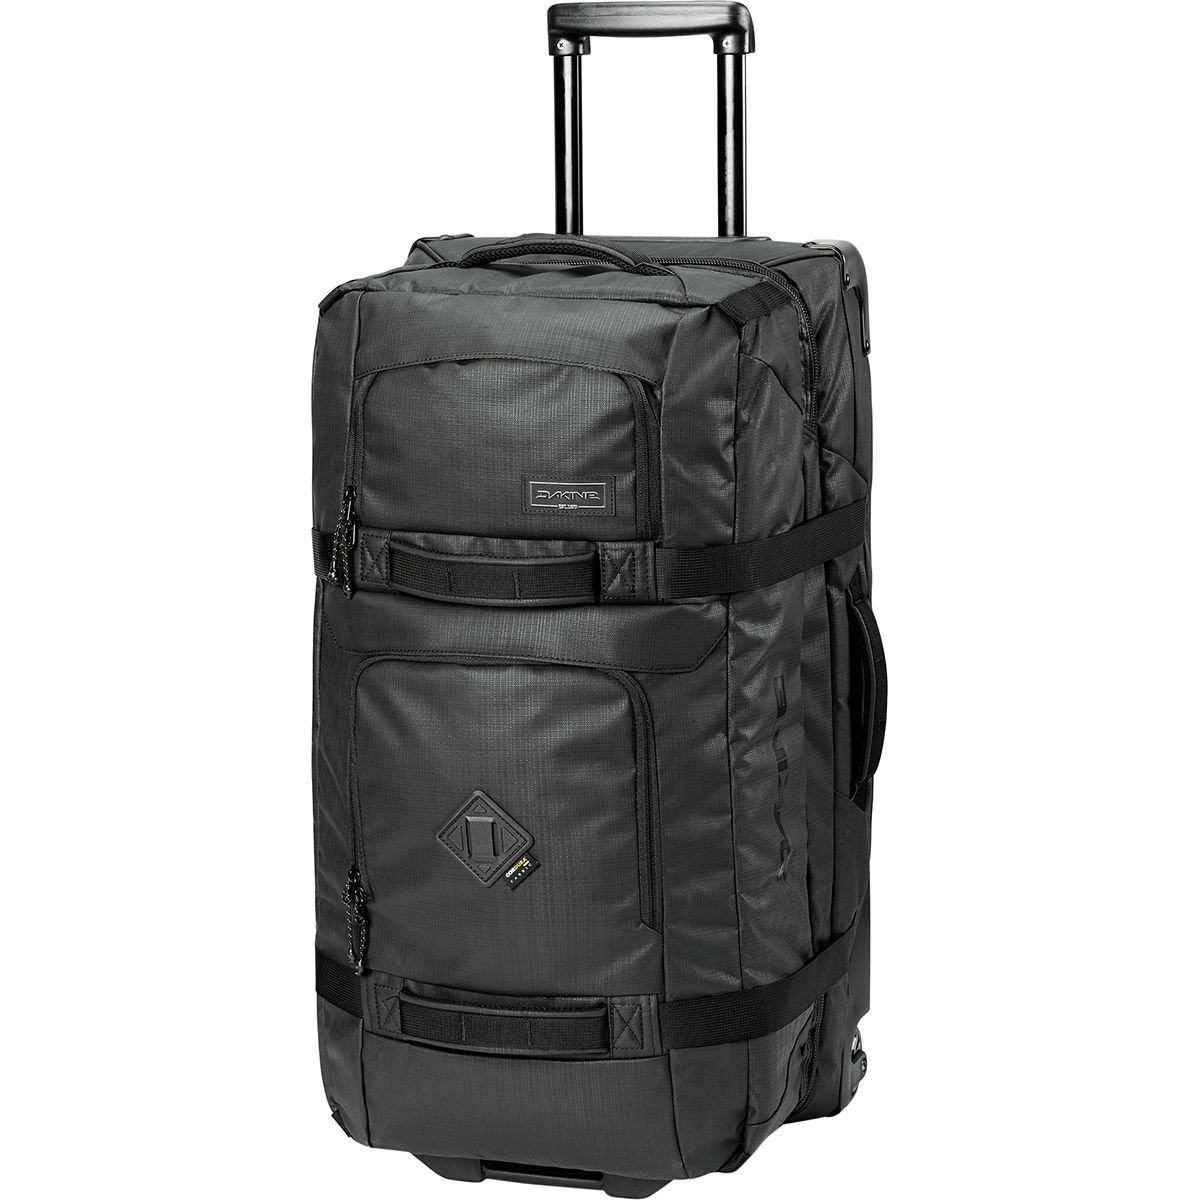 [ダカイン] メンズ ボストンバッグ Split Roller 85L Gear Bag [並行輸入品] B07P54R2G4  No-Size